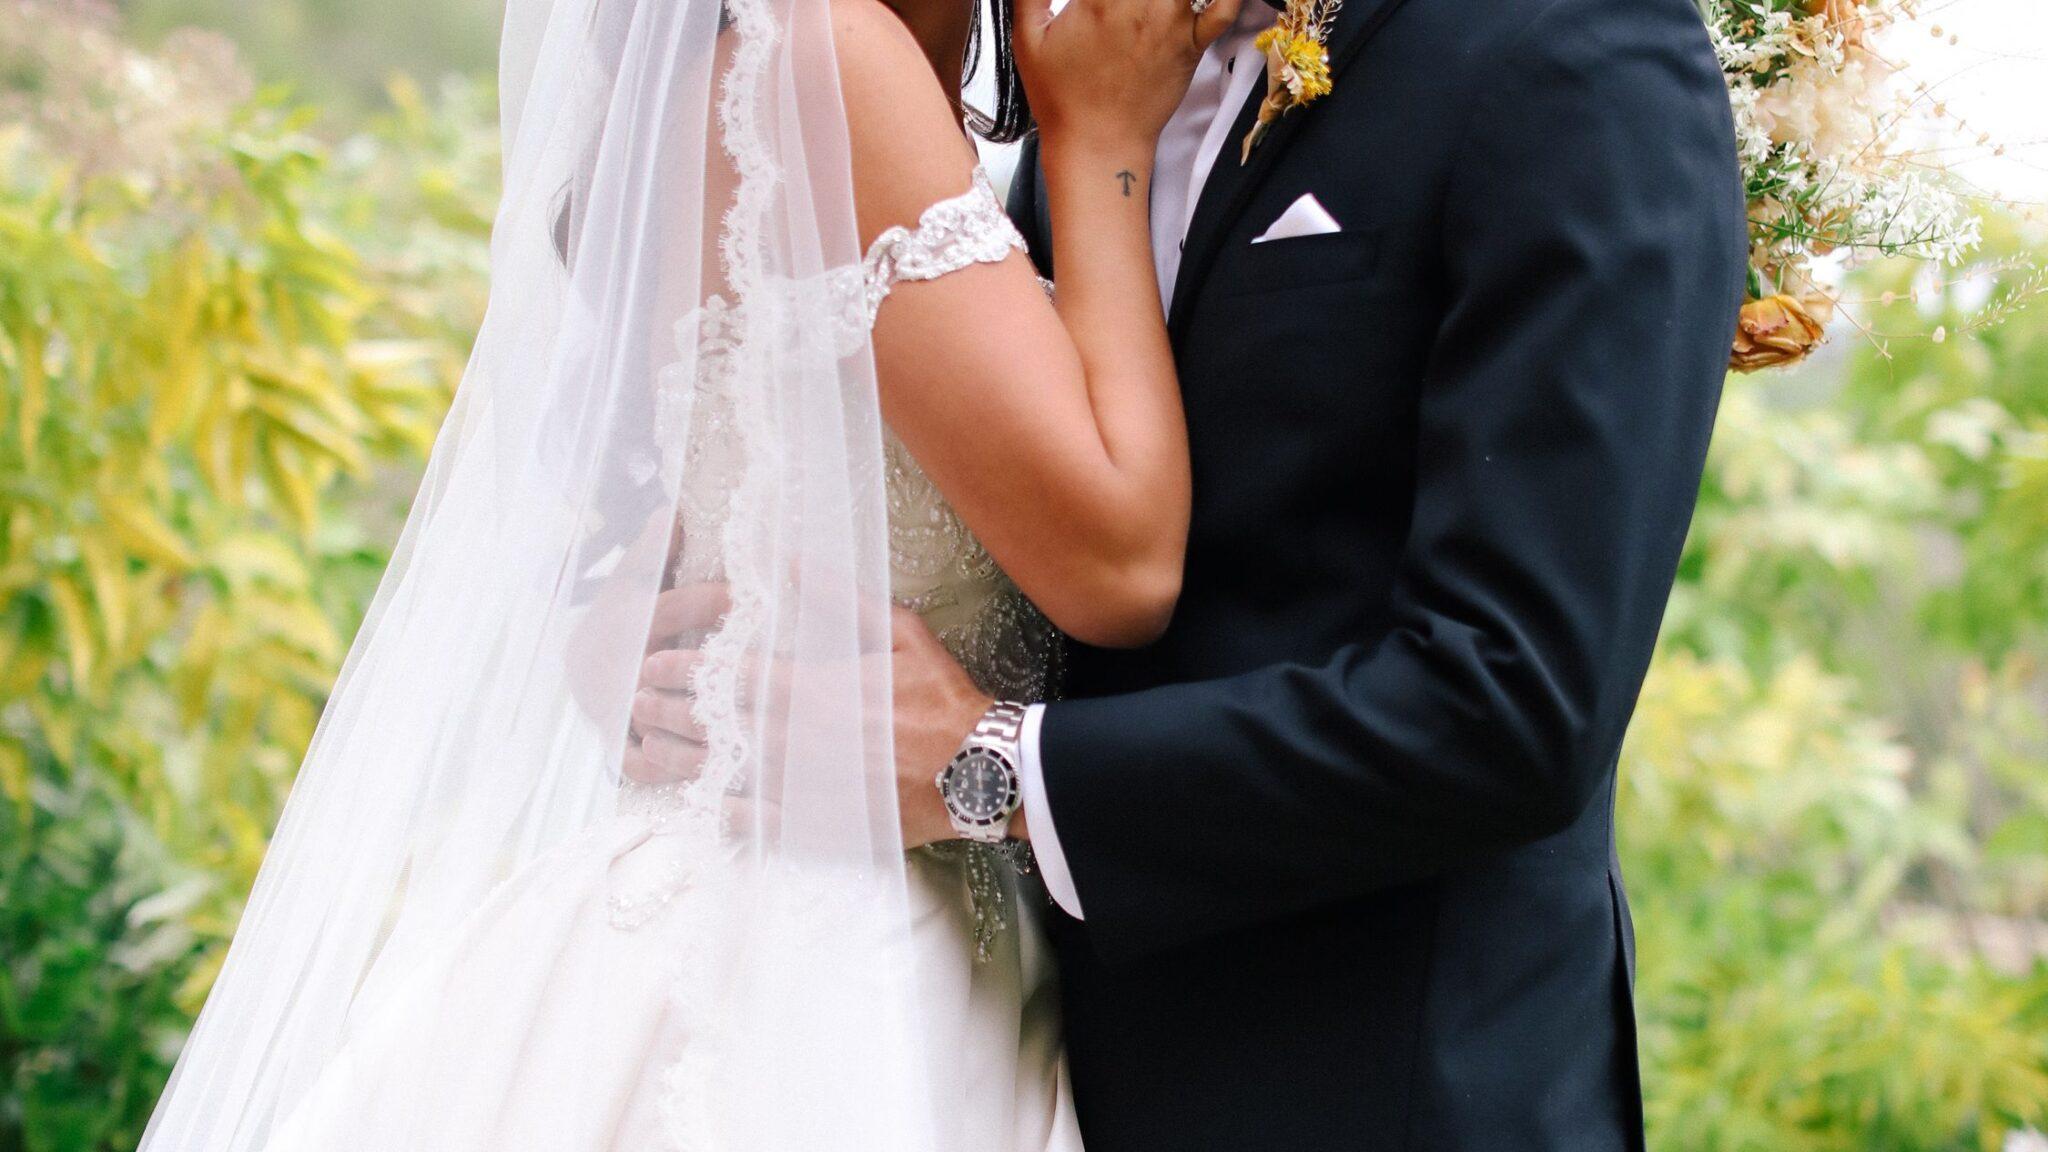 In Italia per sposarci non badiamo a spese<br>Nel matrimonio investiamo troppi soldi e pochi valori